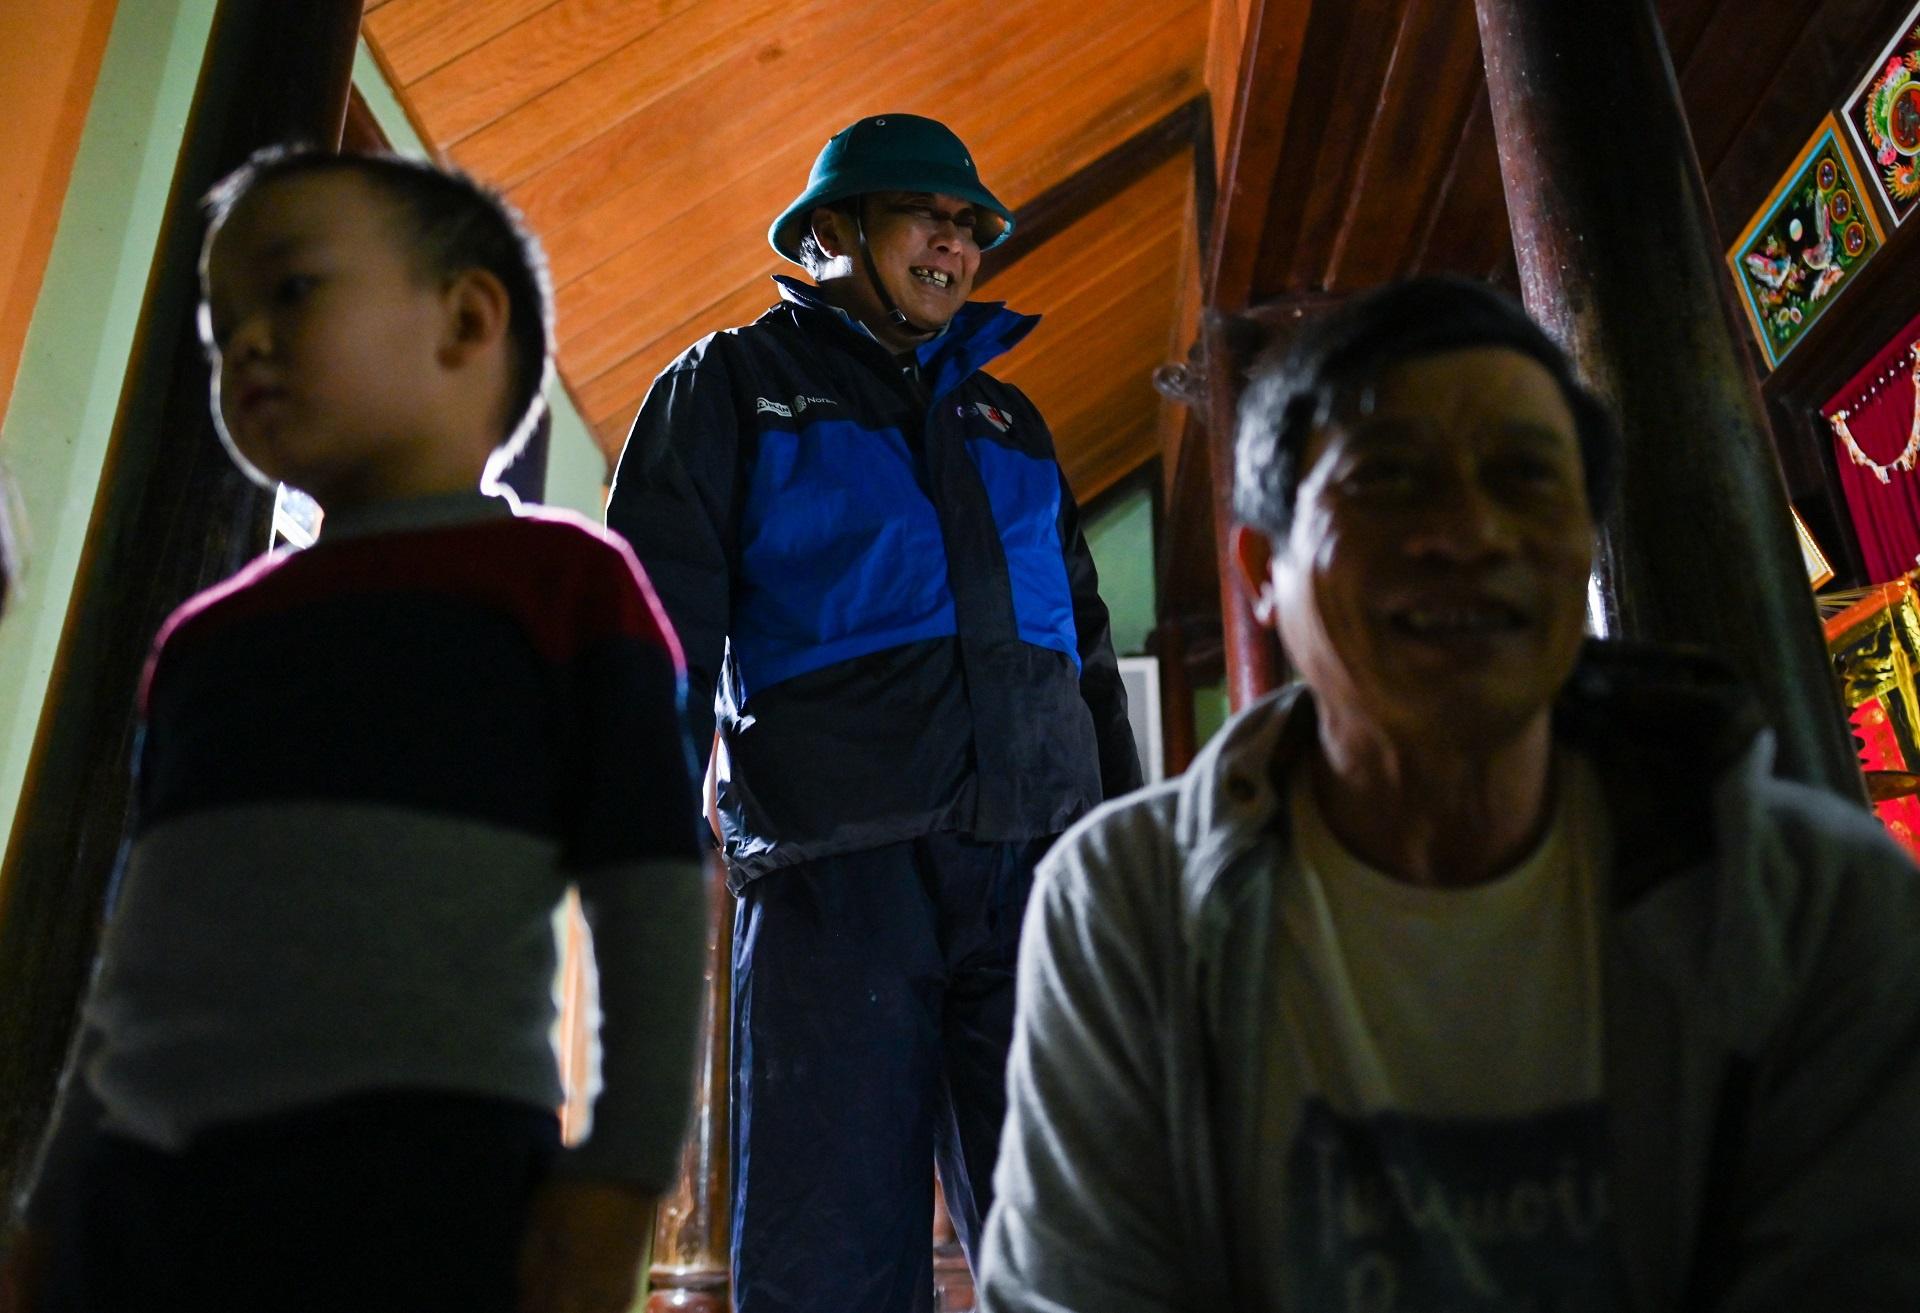 Ông Lê Anh Quyết, Chủ tịch UBND xã An Thủy (huyện Lệ Thủy, ở giữa) kiểm tra chỗ trú tránh của người dân. Ảnh: Việt Linh.